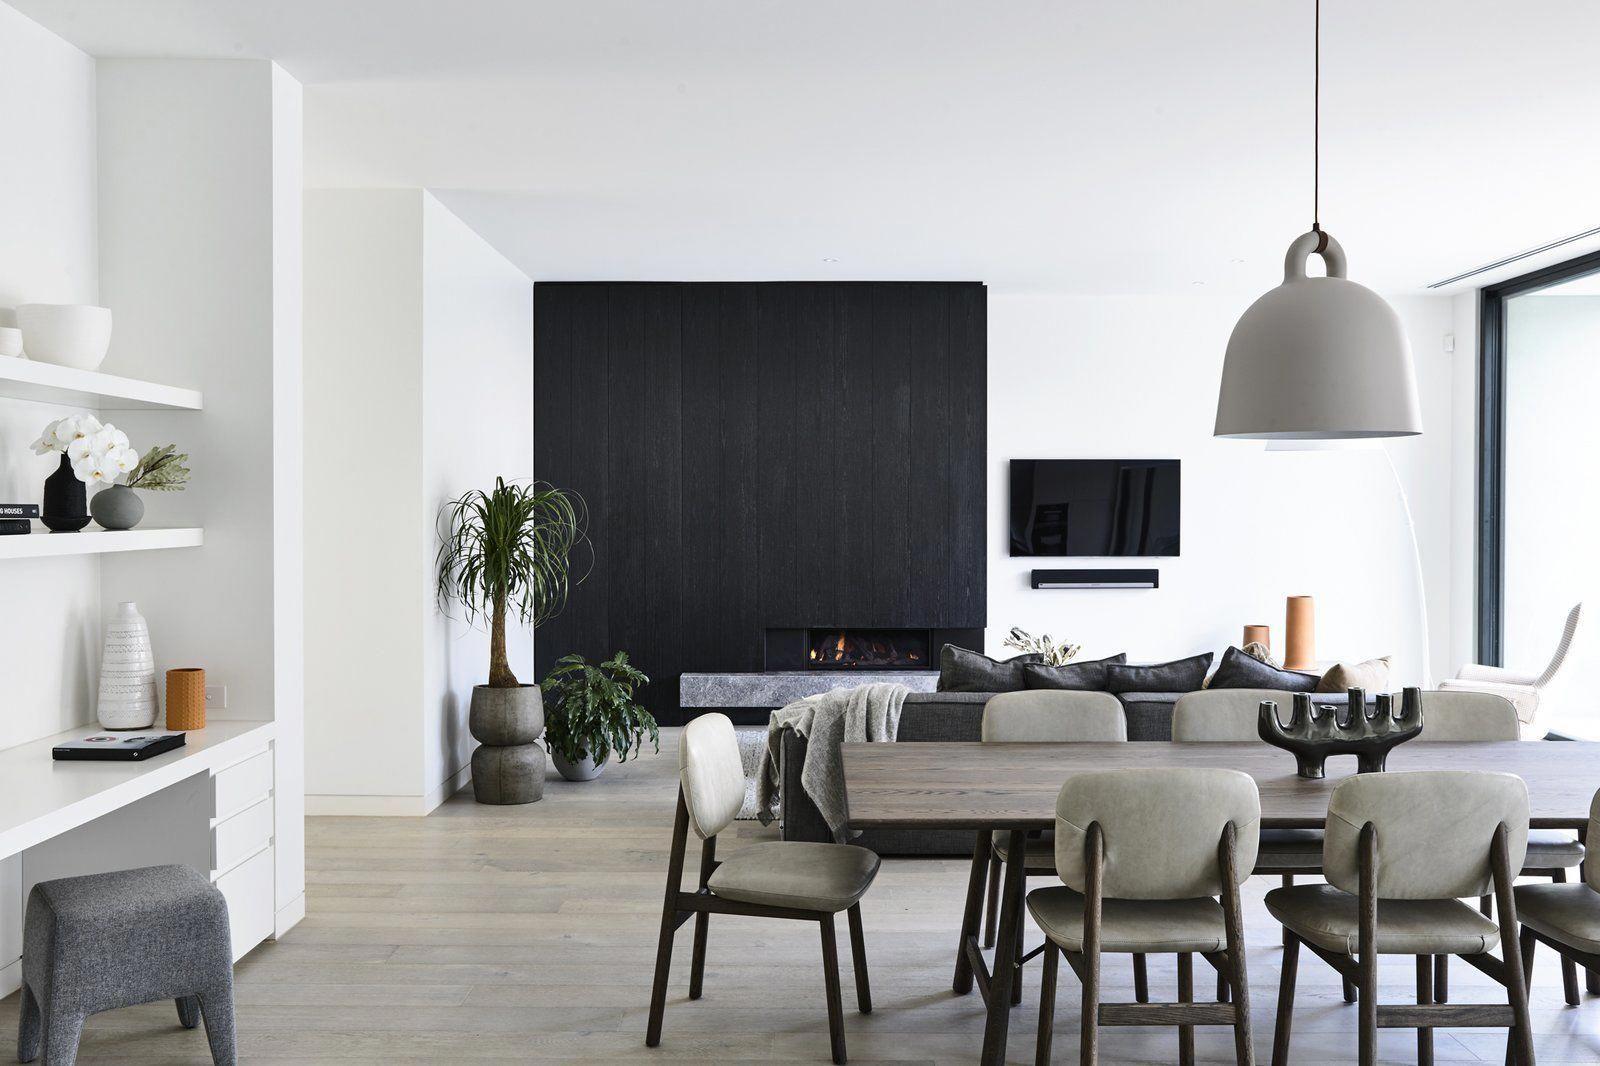 Furniture companies furniturediscountstore